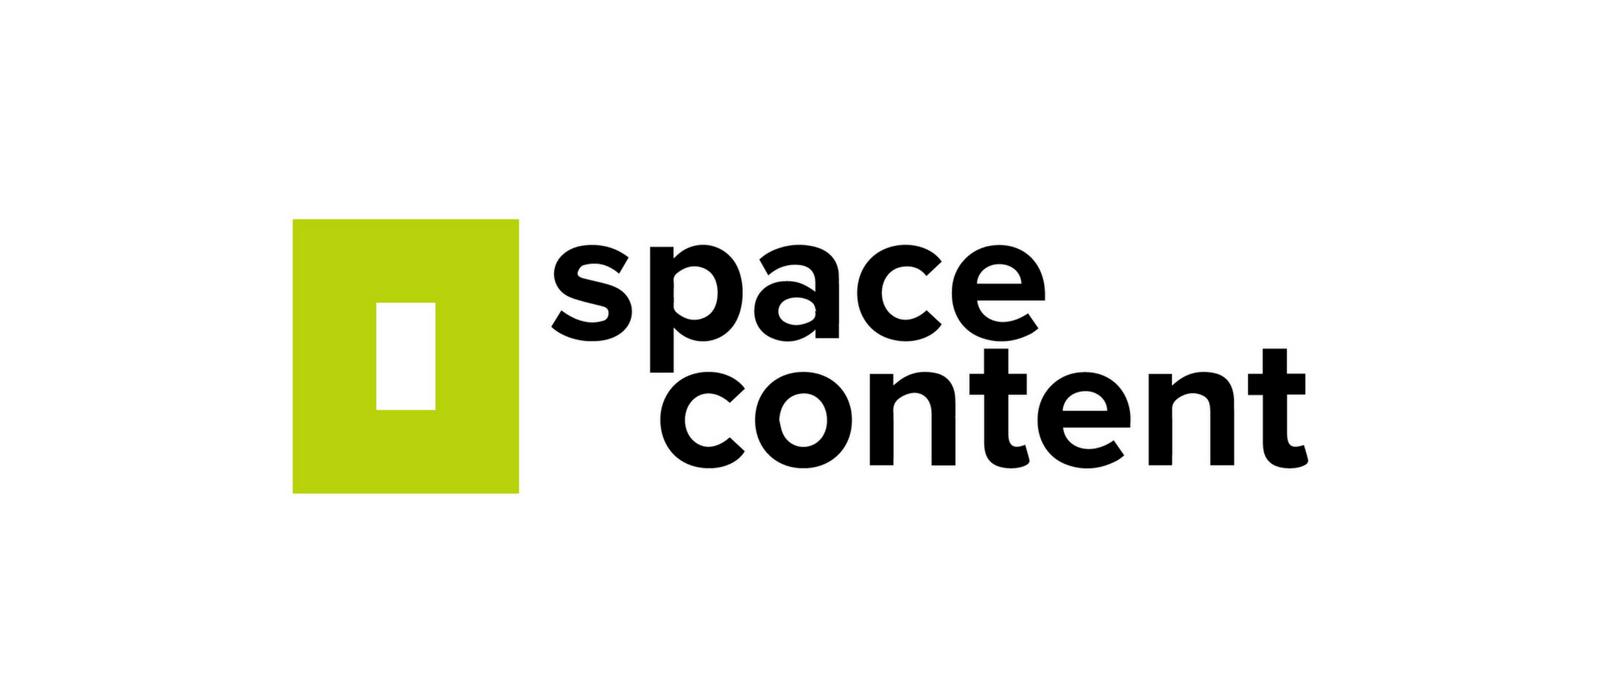 ¿Qué es Space Content?